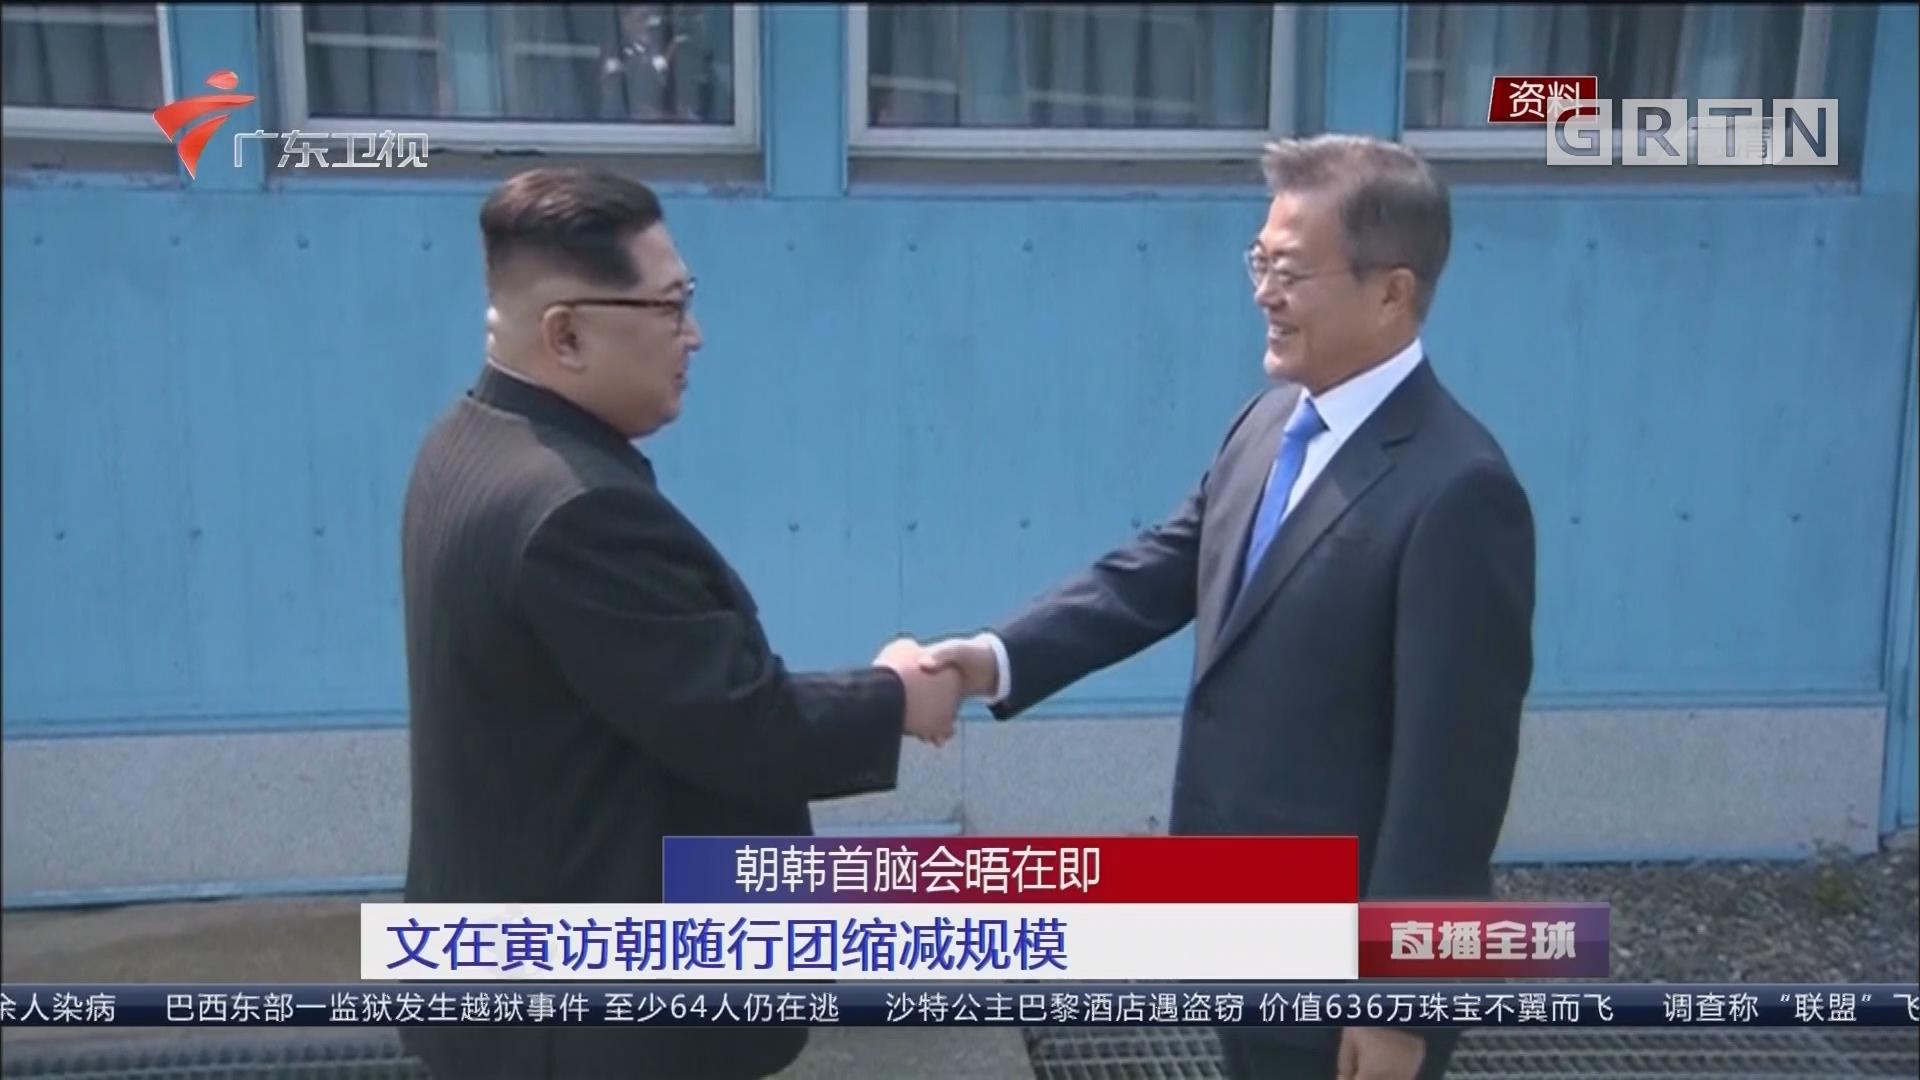 朝韩首脑会晤在即 文在寅访朝随行团缩减规模